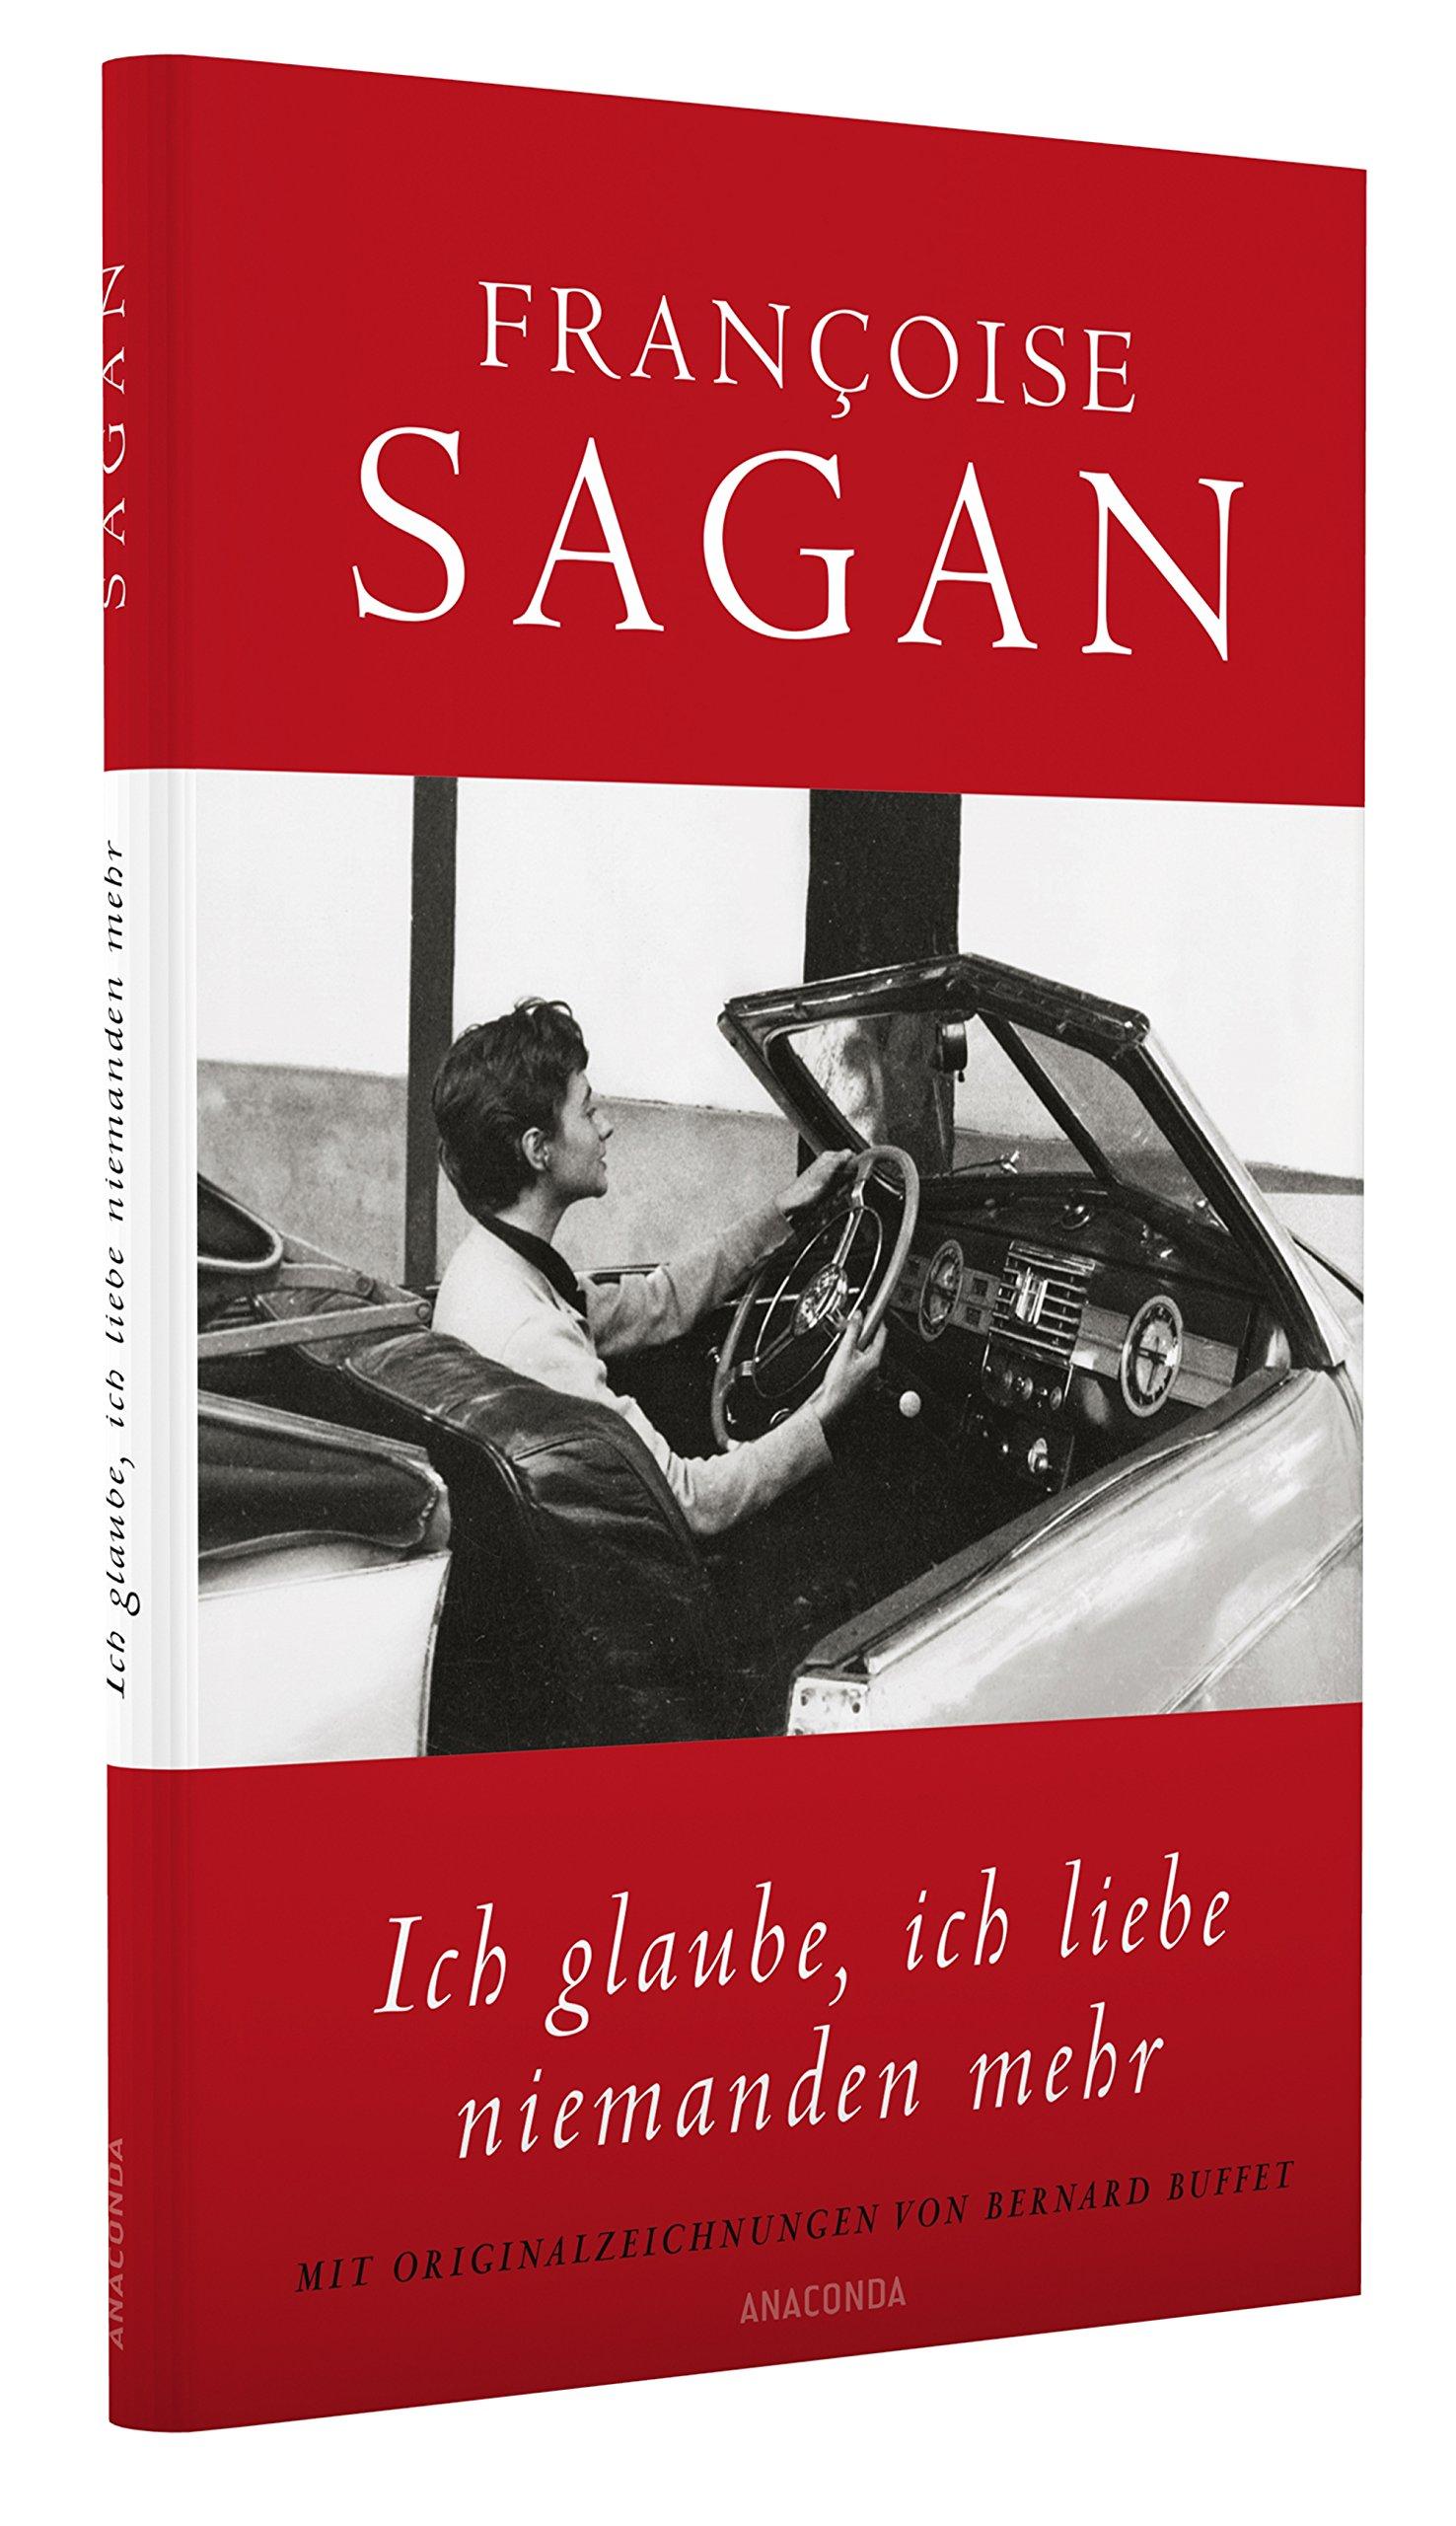 Ich glaube, ich liebe niemanden mehr - Francoise Sagan